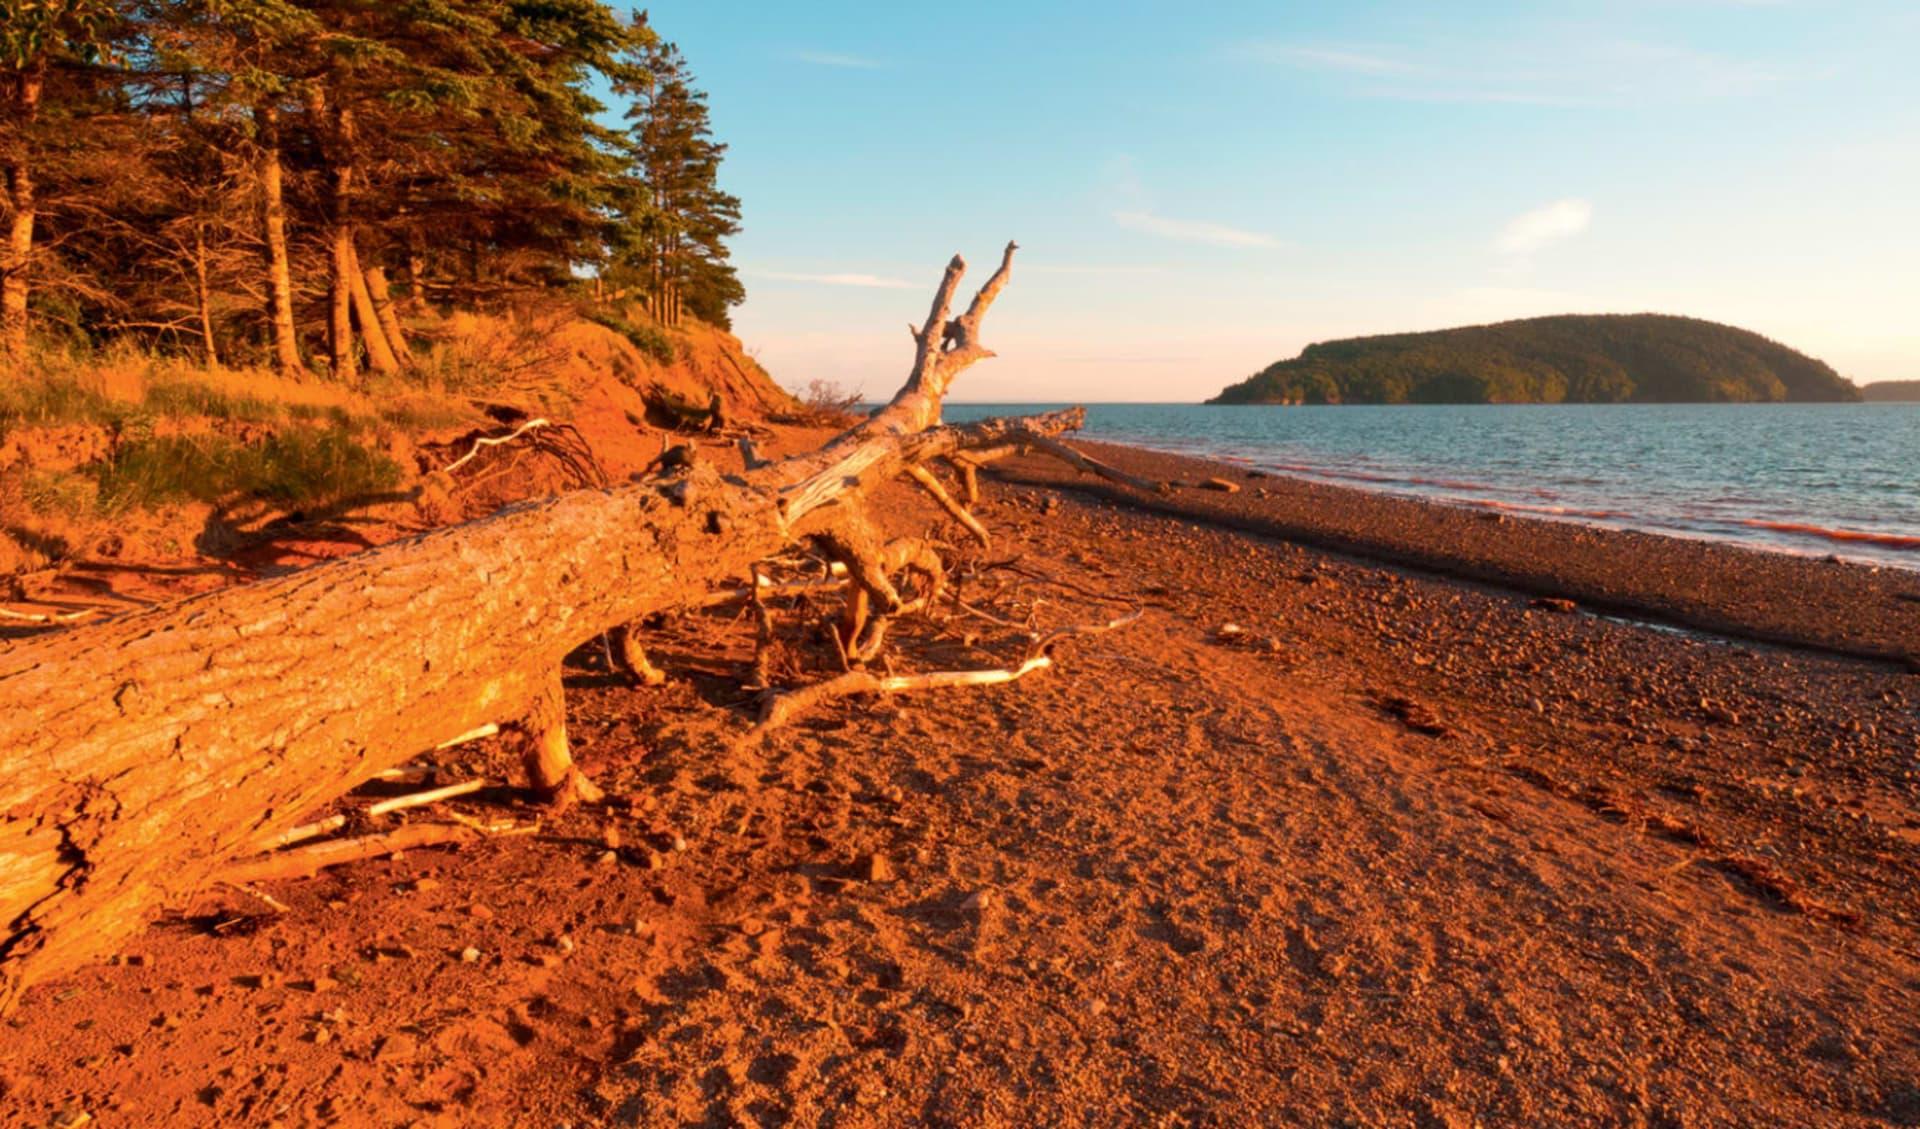 Strände, Inseln Lobster und Elche ab Halifax: Ostkanada Nova Scotia - Küstenabschnitt